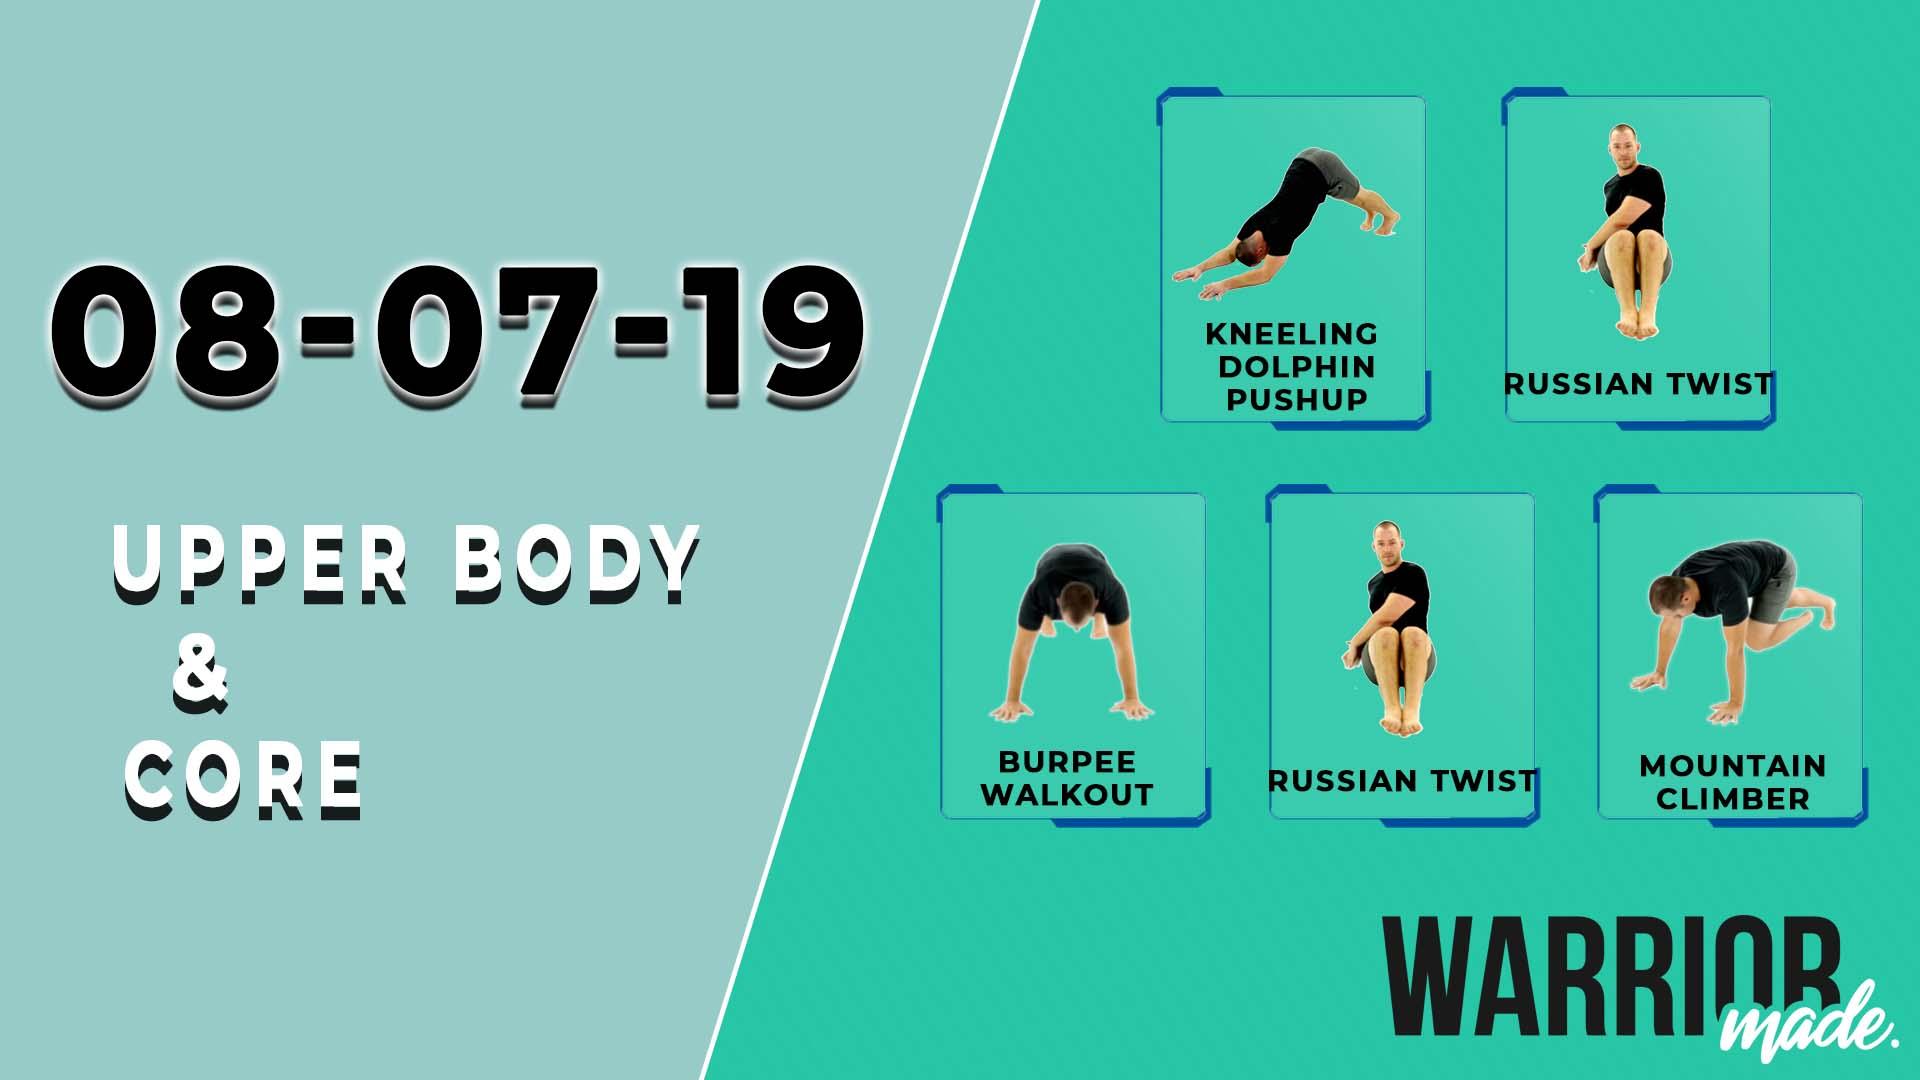 workouts-08-07-19